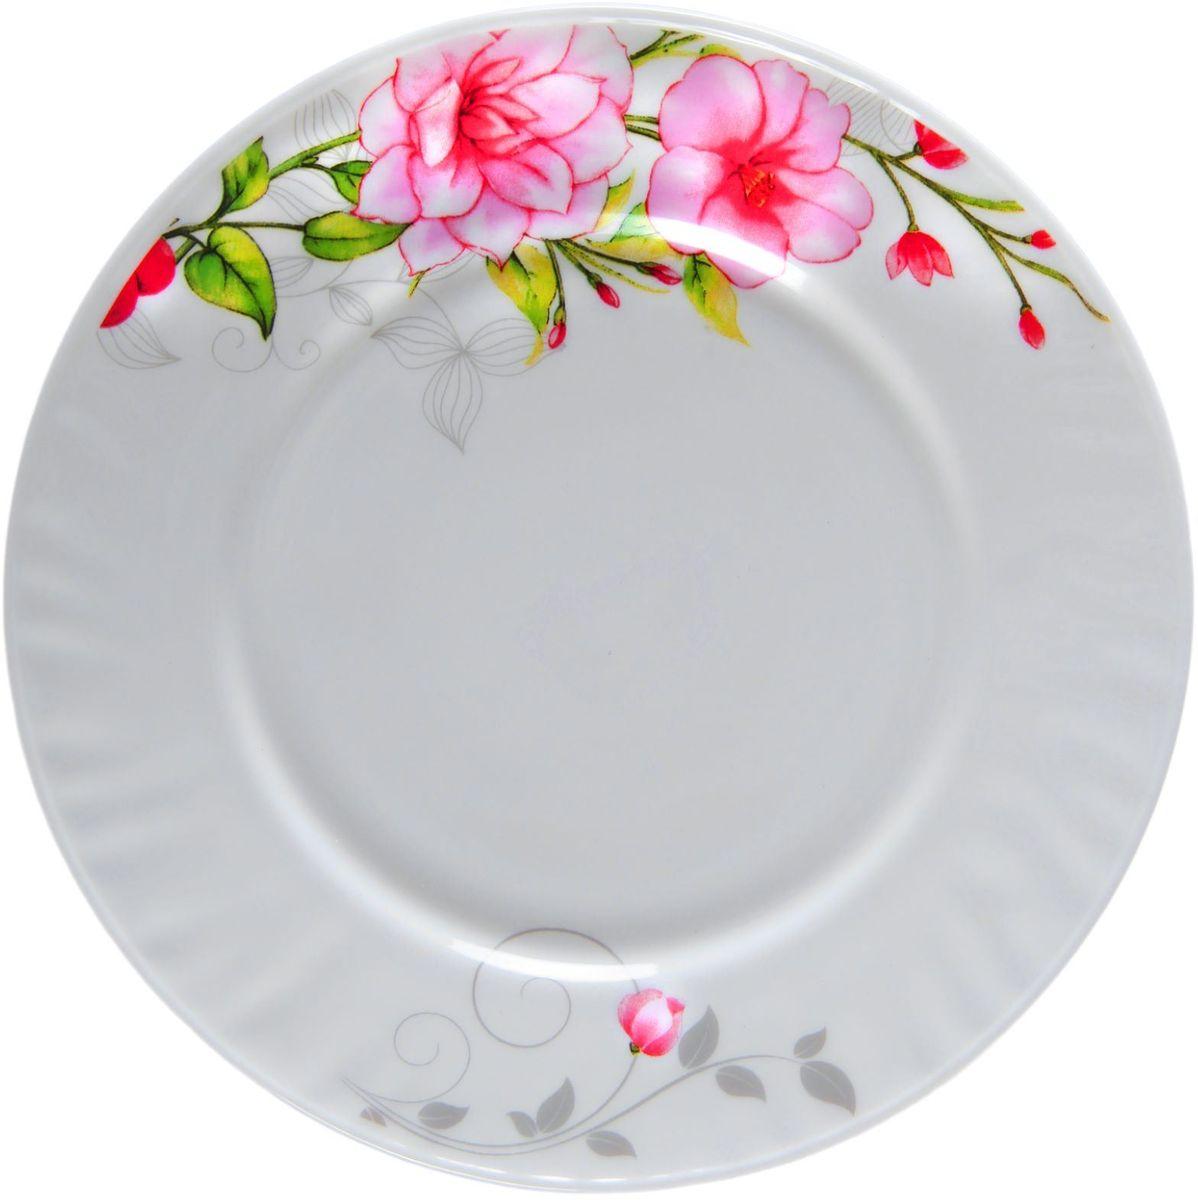 Тарелка десертная Цветочная мелодия, диаметр 17,5 см1152129Тарелка – важнейший предмет любого застолья. Будучи во главе стола, она привлекает к себе основное внимание. А это значит – рисунок, цвет и материал играют немаловажную роль.Почему во всем мире так ценится посуда из стеклокермики?Универсальна. Ее можно использовать и для приготовления пищи, и для безопасного хранения любых готовых блюд. В такой посуде можно кипятить, варить, жарить парить, тушить и запекать любые продукты.Ударопрочна и травмобезопасна. Термическое стекло – очень прочный материал, который не поддается механическим нагрузкам, не бьется, не колется и не трескается.Термически устойчива (жаропрочна). Посуда не деформируется при нагреве и подходит для СВЧ-печей.Химически инертна. Стеклянные поверхности посуды совершенно нечувствительны к воздействию моющих и чистящих средств.Экологически и гигиенически безопасна. Стеклокерамика – исключительно «чистый» материал, не выделяющий вредных летучих соединений даже при сильном нагреве, не впитывает запахов и не передает их хранящейся или готовящейся пище.Удобна в уходе. Моется обычной теплой водой, не формирует накипь и нагар.Эстетически привлекательна. Прозрачное, матовое и тонированное термическое стекло имеет оригинальный вид, который сохраняется в любых технических условиях на долгие годы.